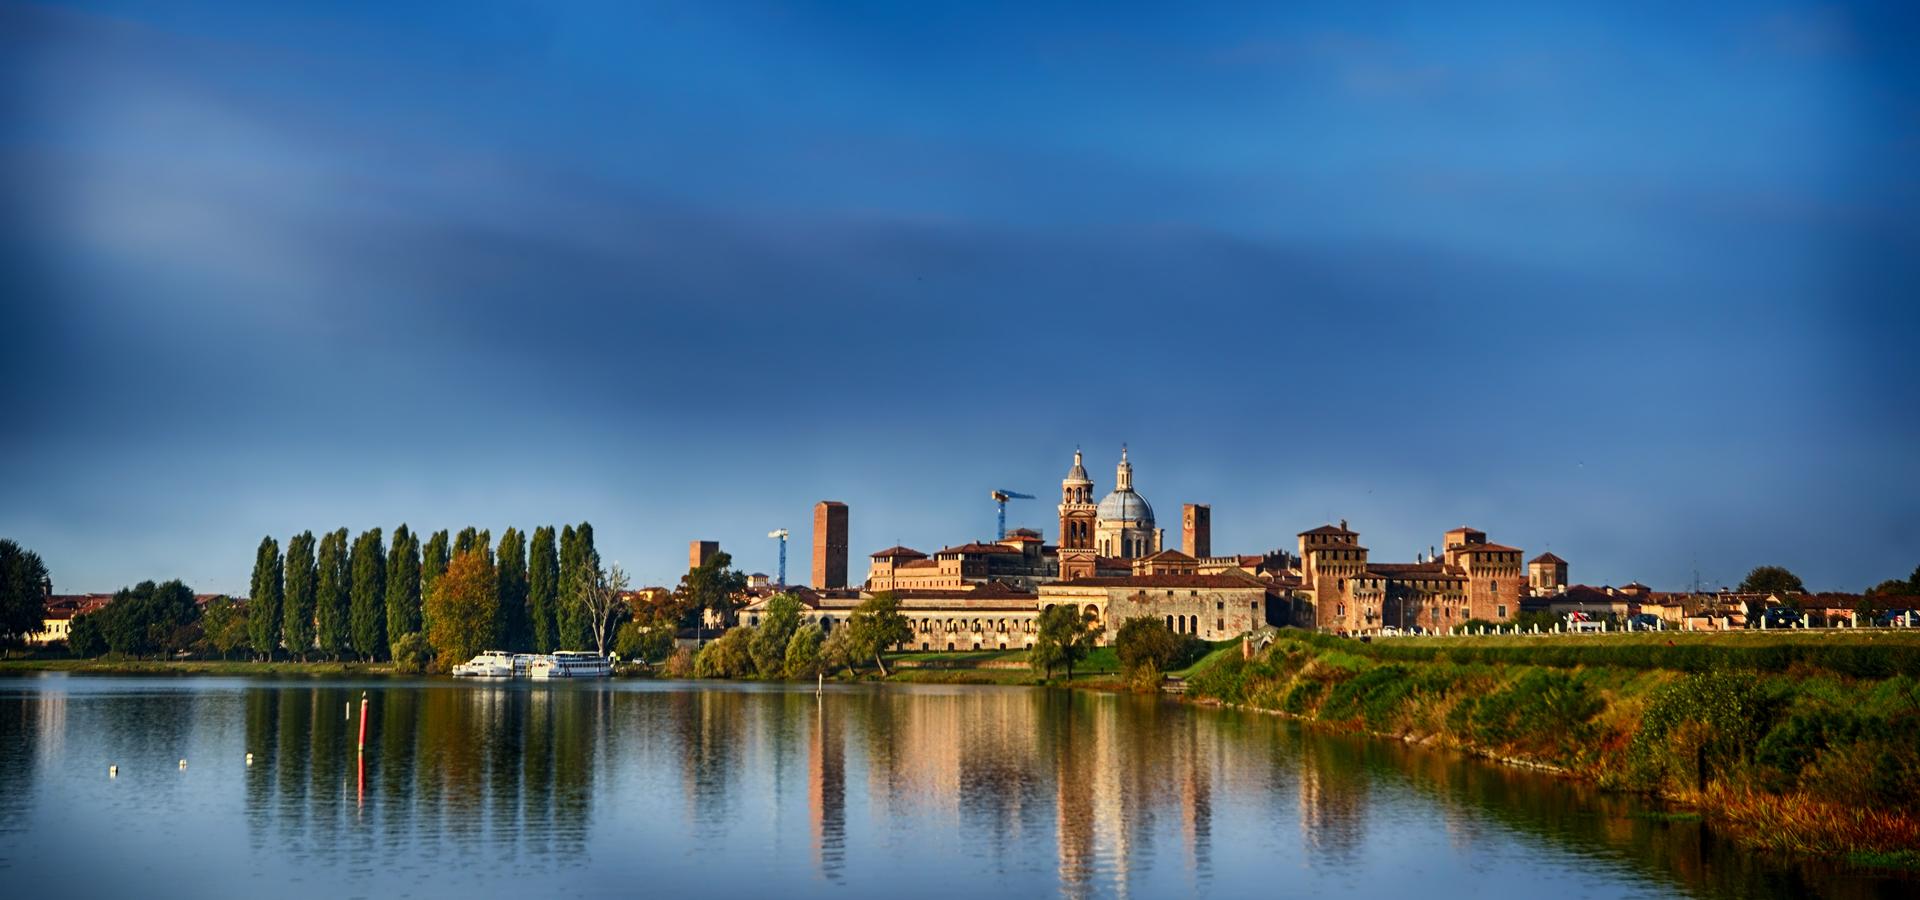 Peer-to-peer advisory in Mantua, Lombardy, Italy